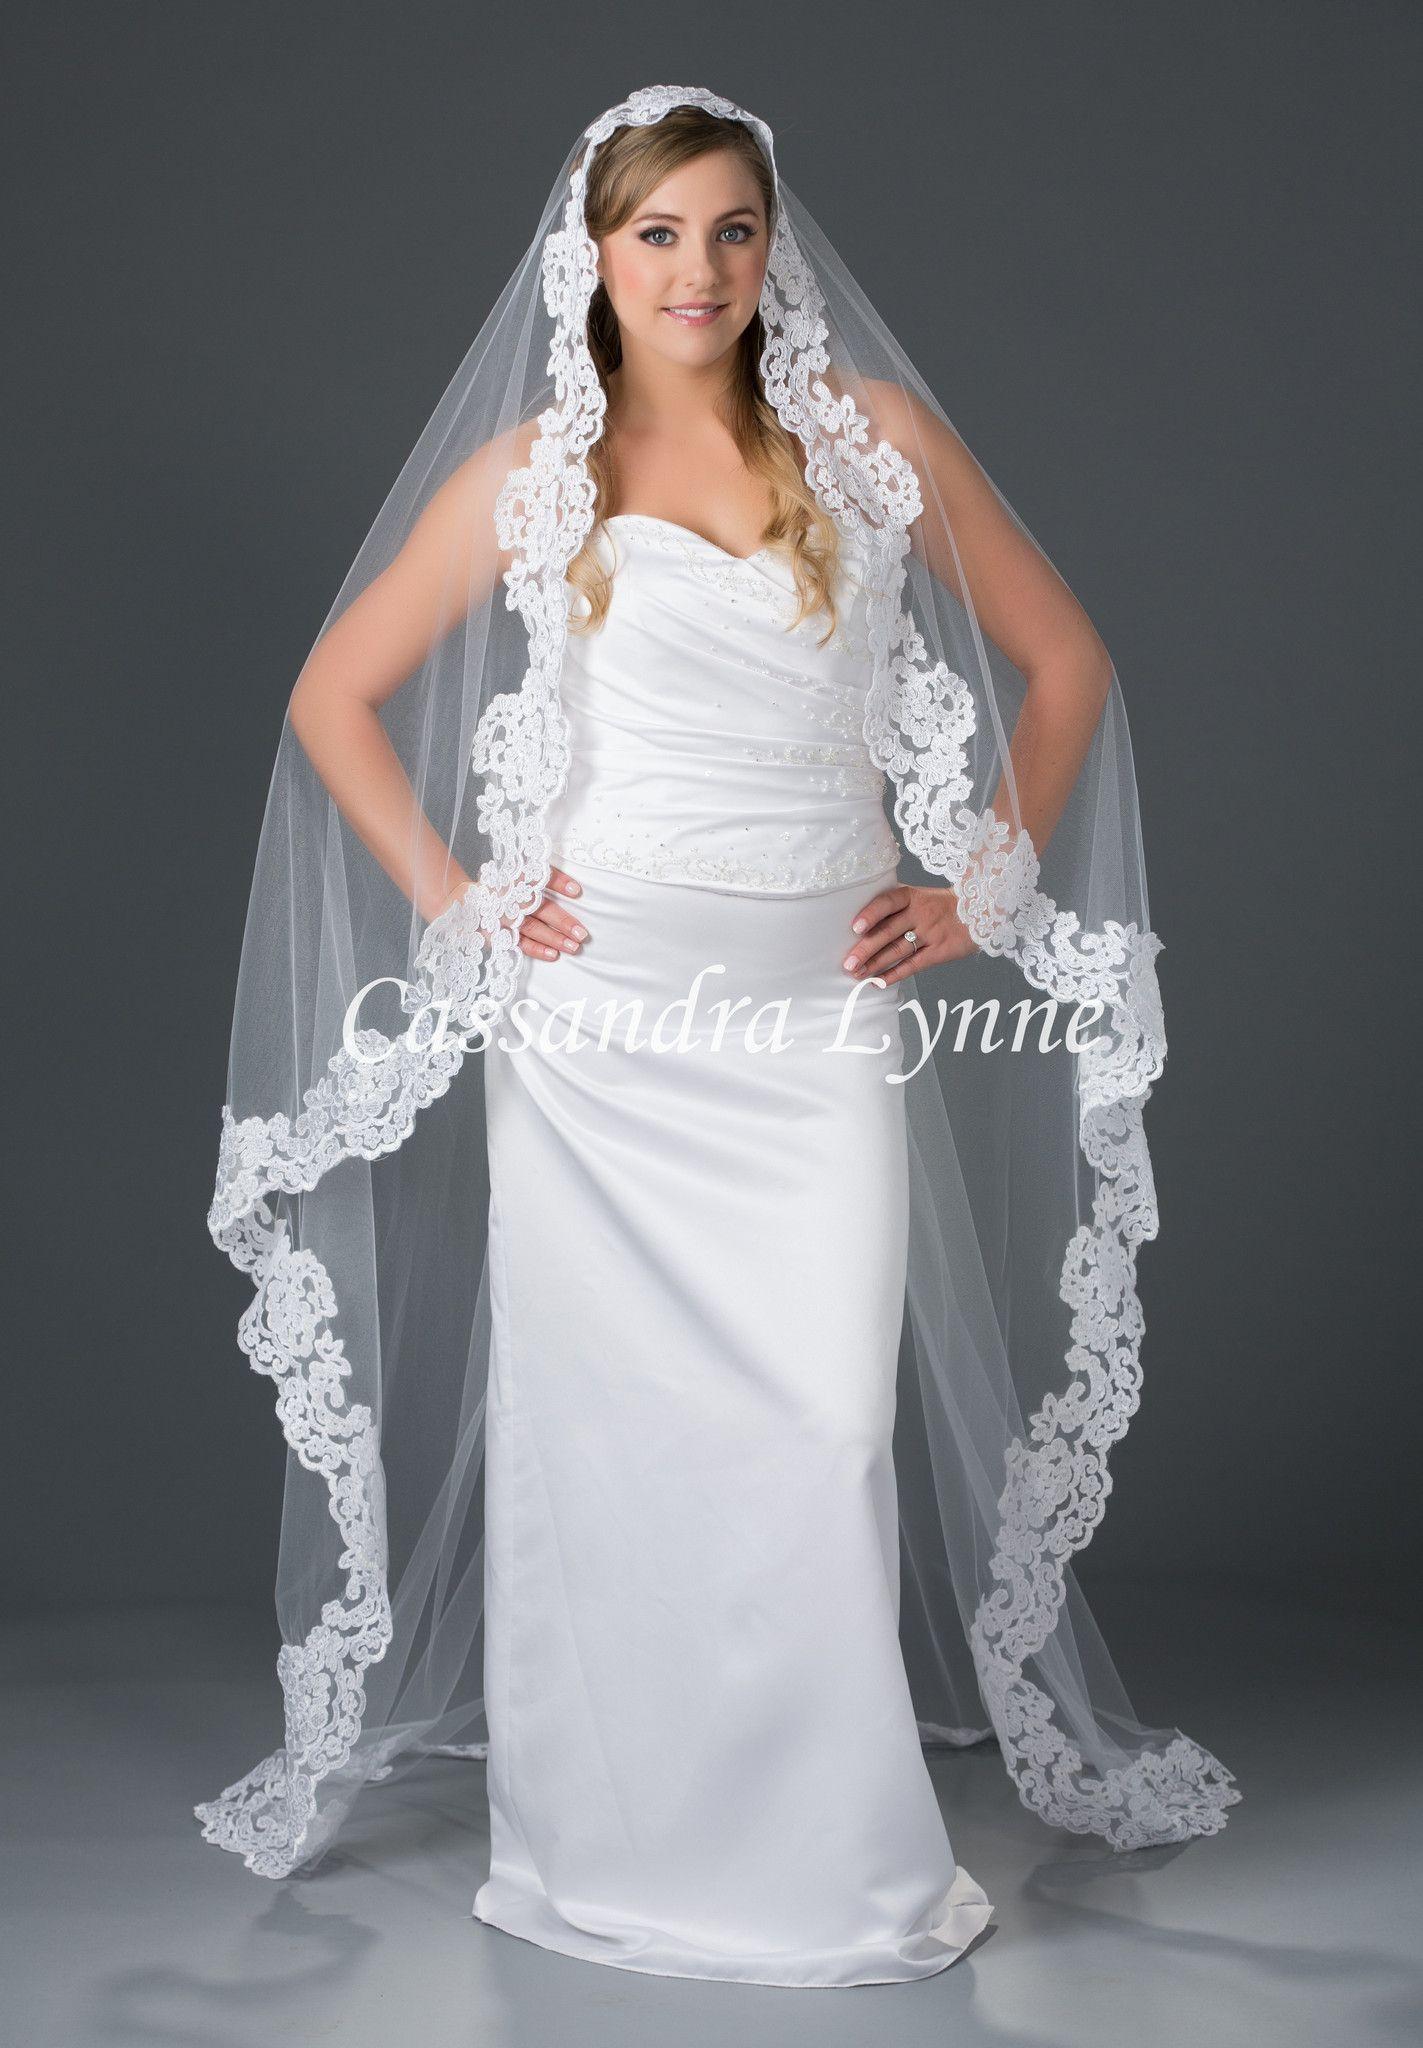 mantilla wedding veil with floral lace floor length | veil